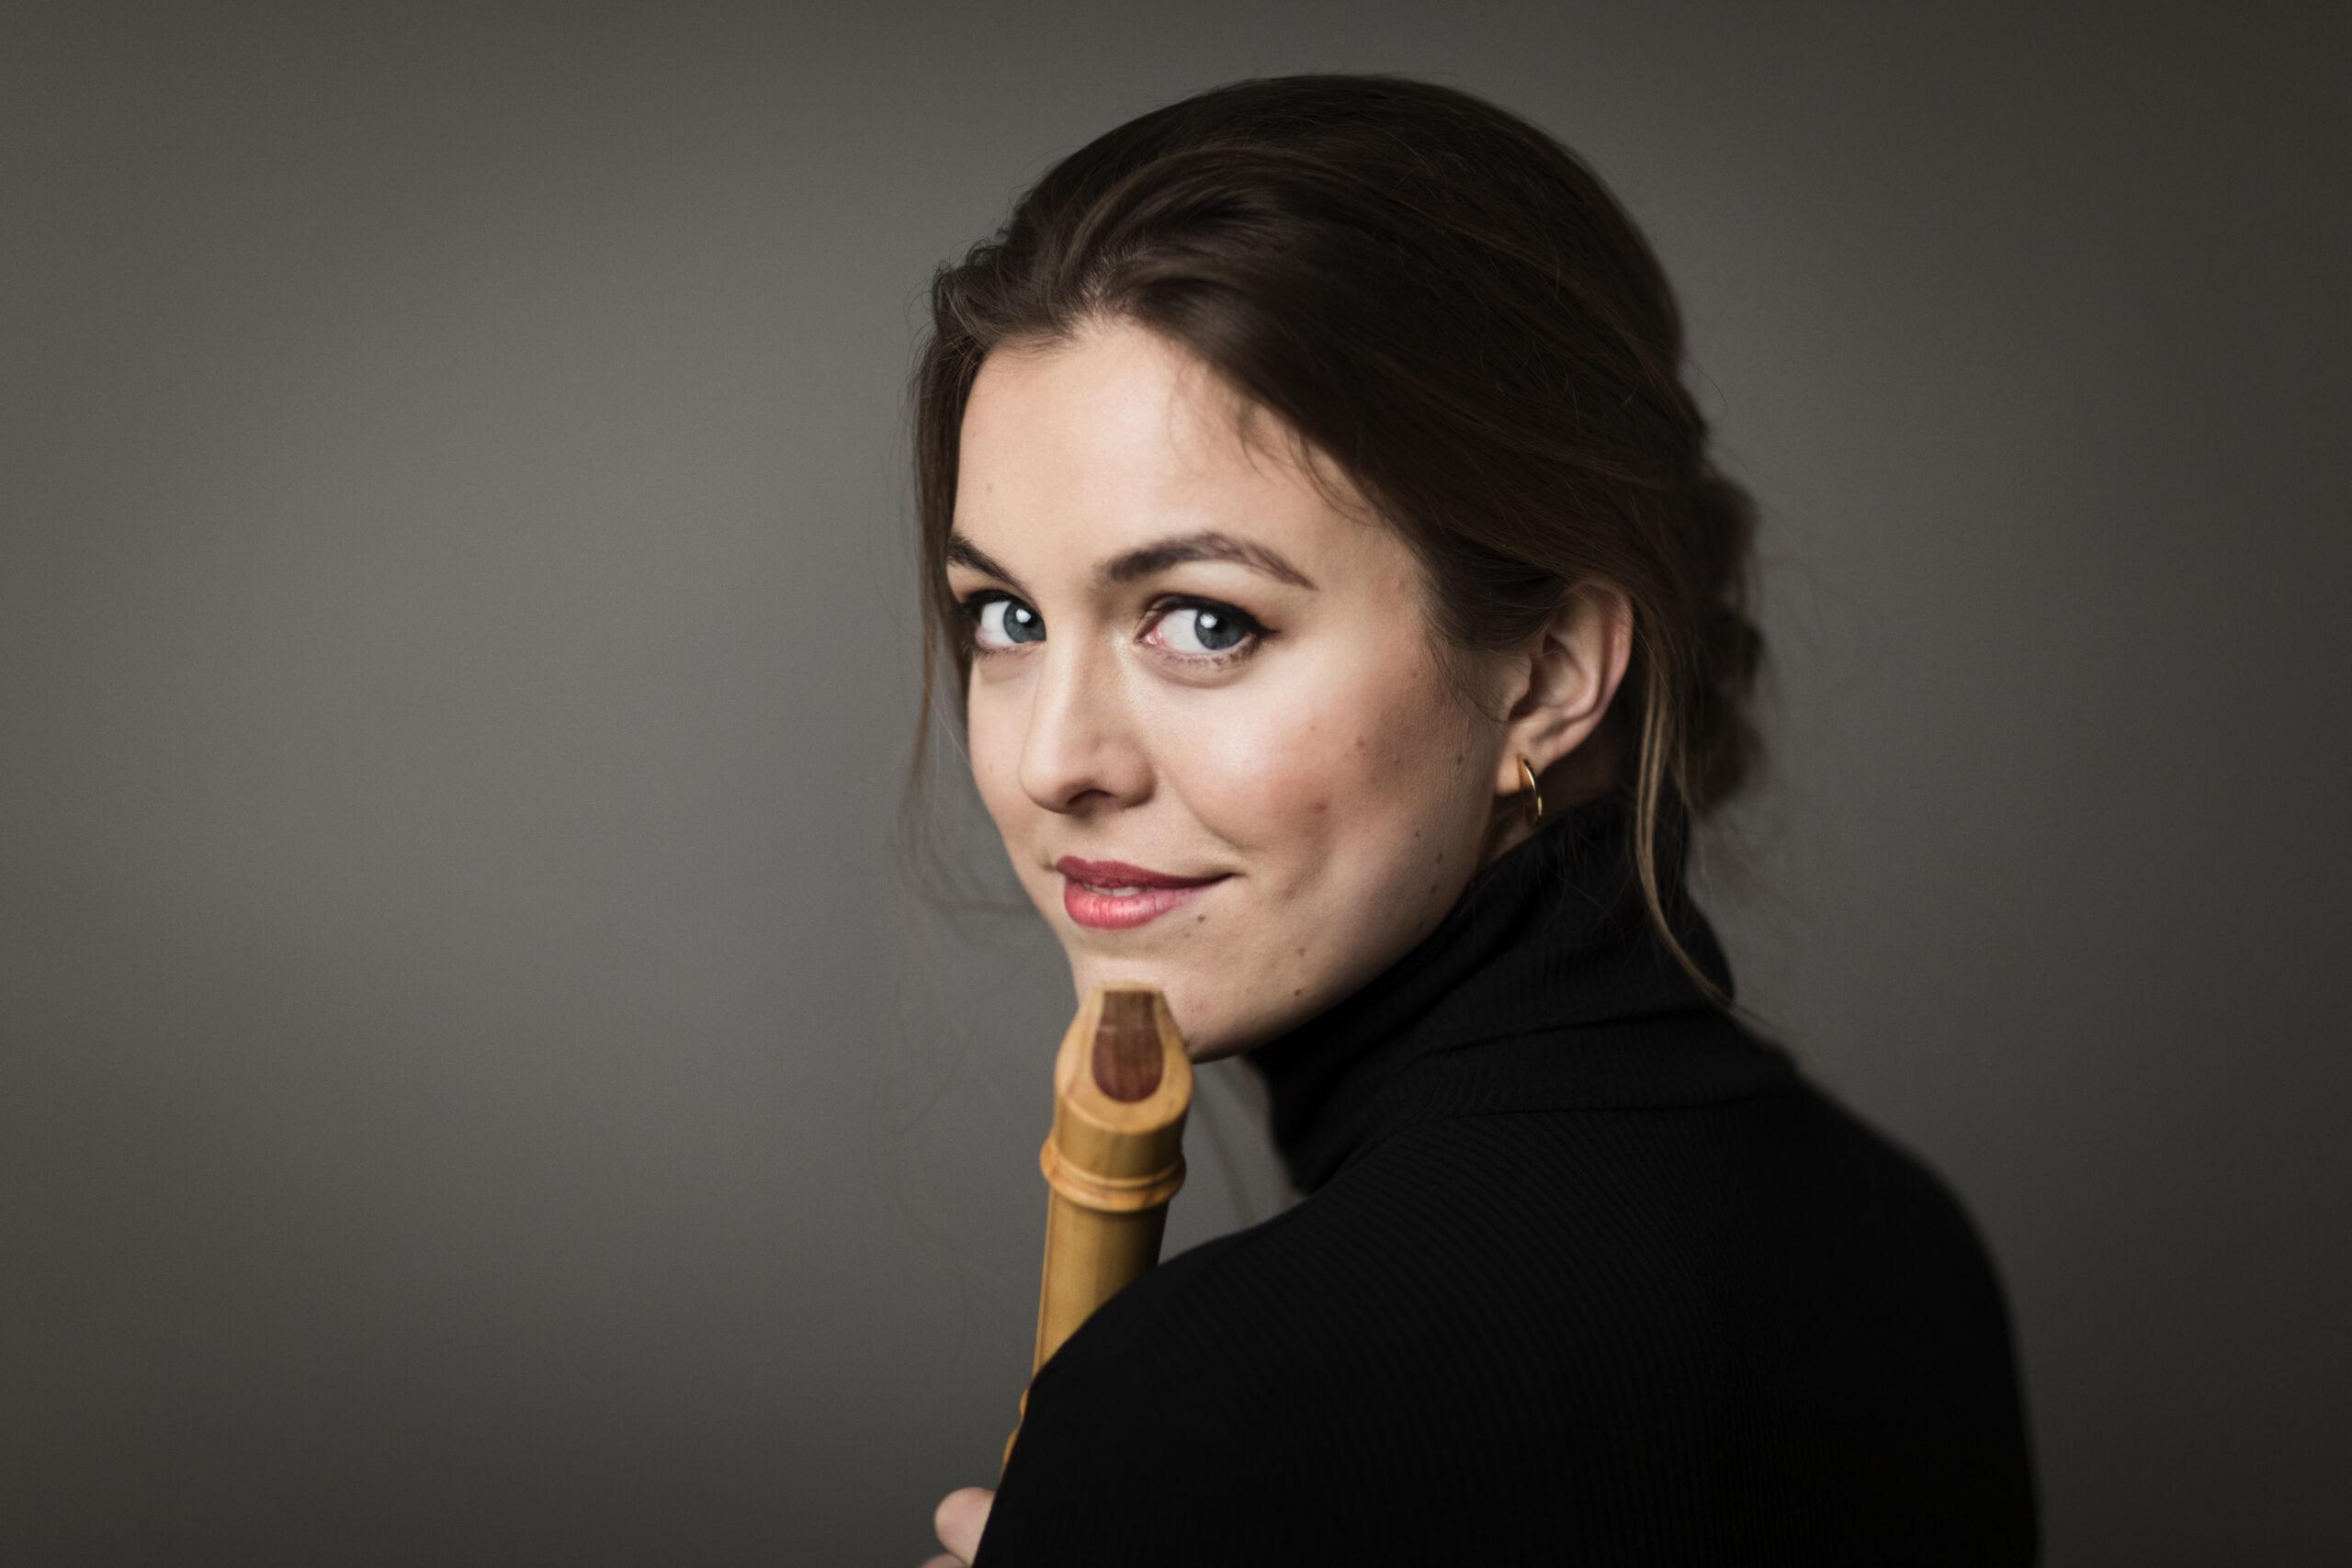 Tabea Debus di spalle con il suo flauto